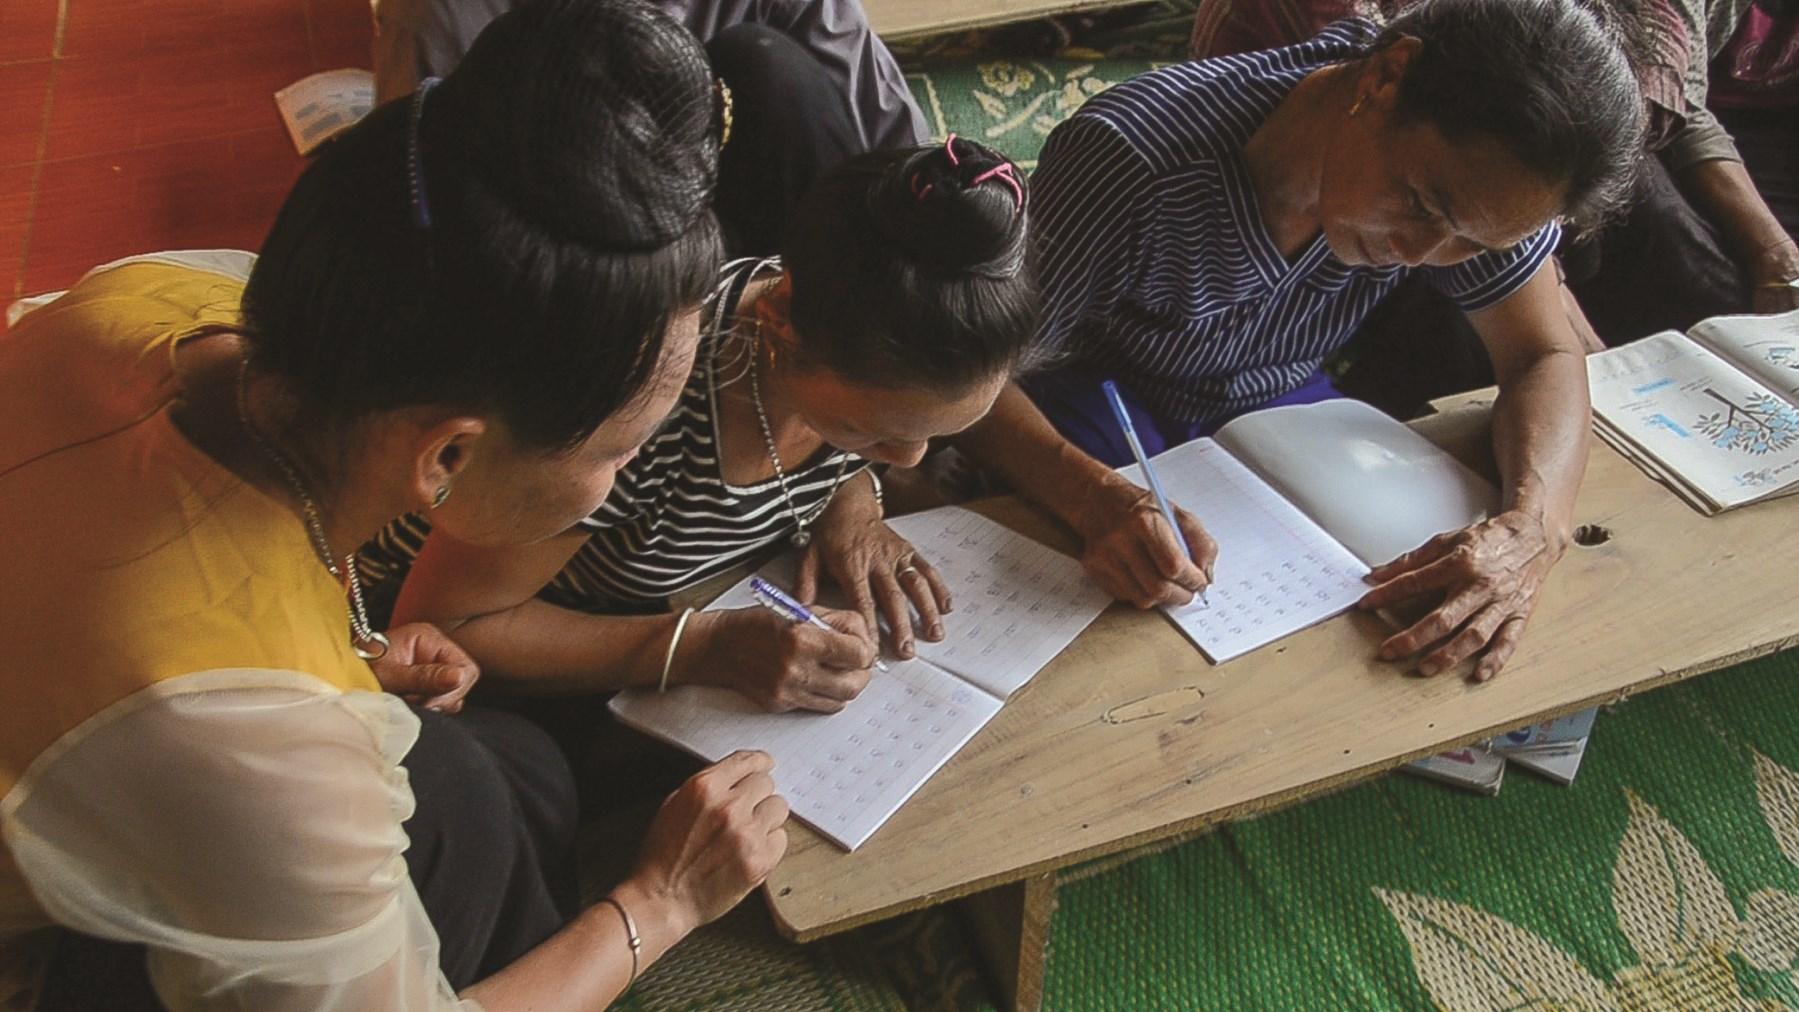 Nhờ nỗ lực học tập, đến nay nhiều phụ nữ lớn tuổi trong bản đã biết đọc, biết viết